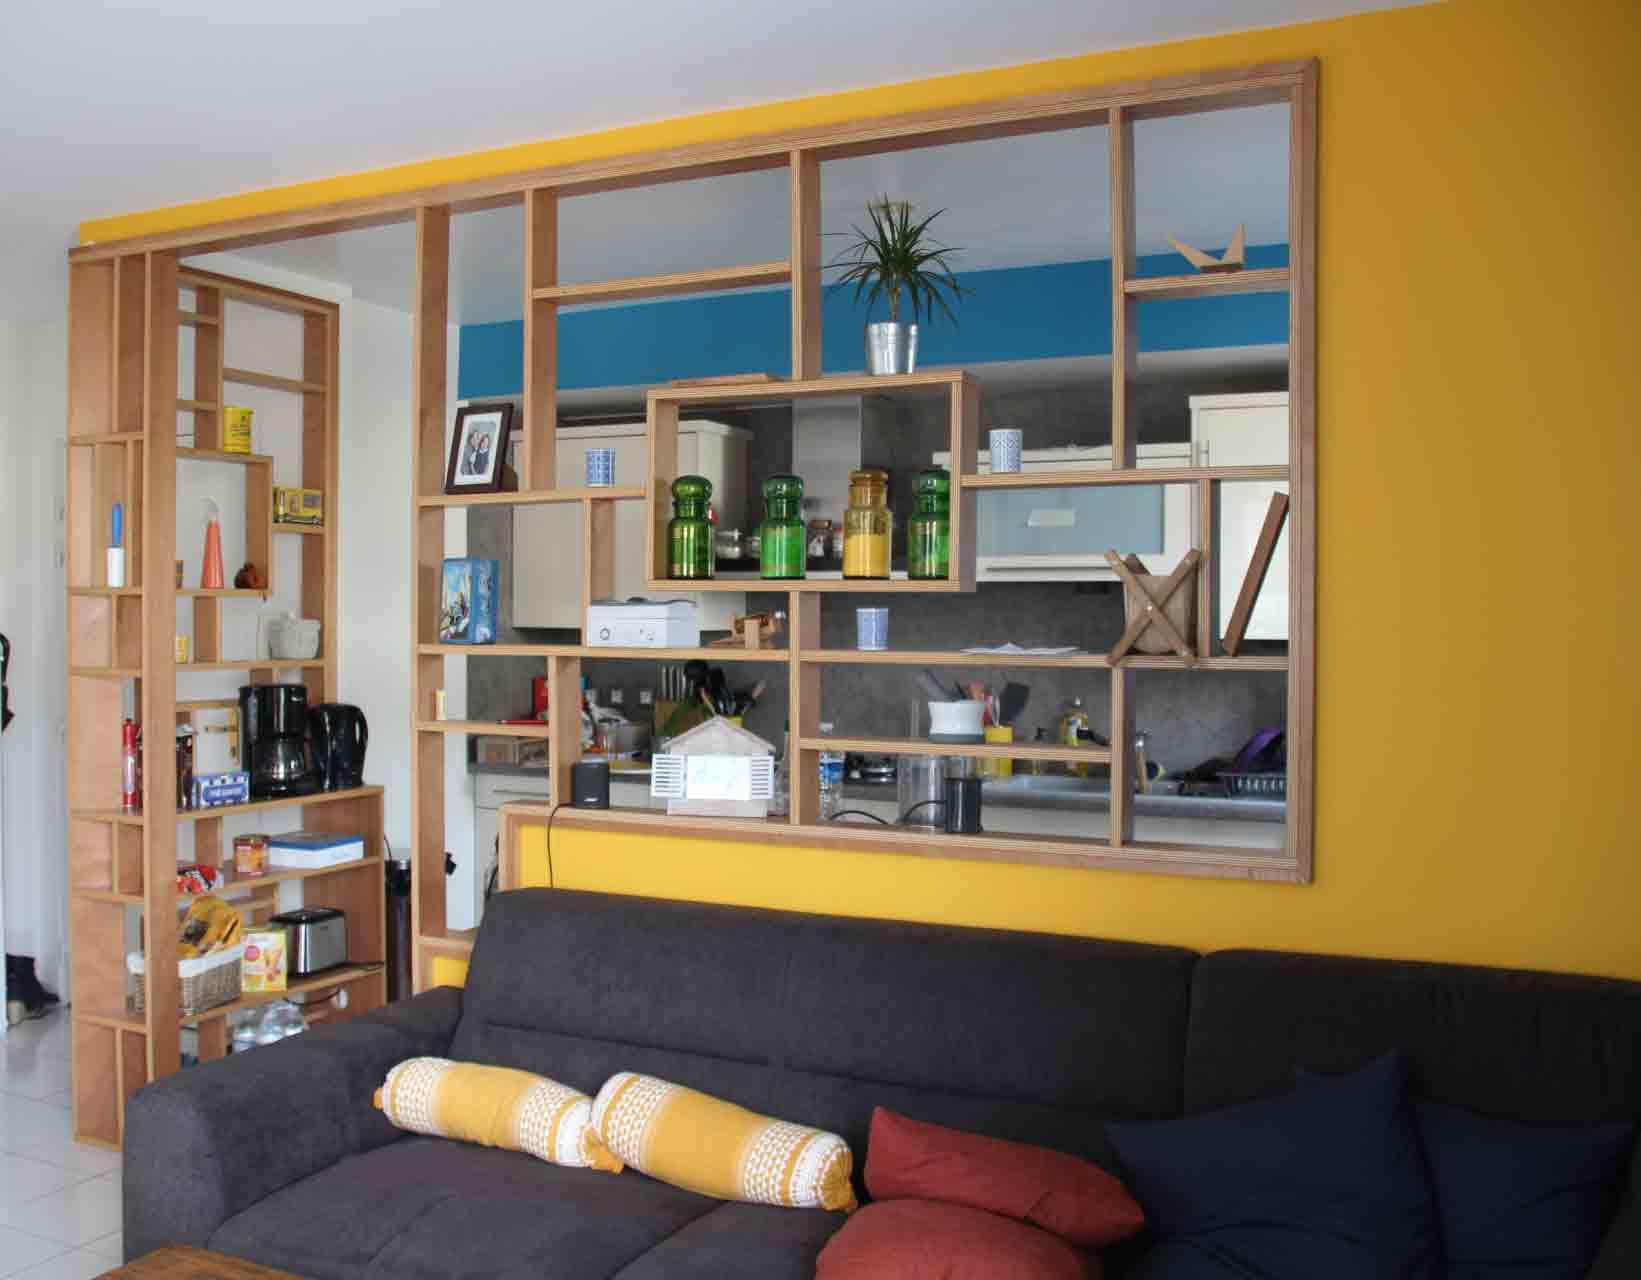 Claustra Intérieur En Bois baty'r | nos réalisations de charpente et construction bois